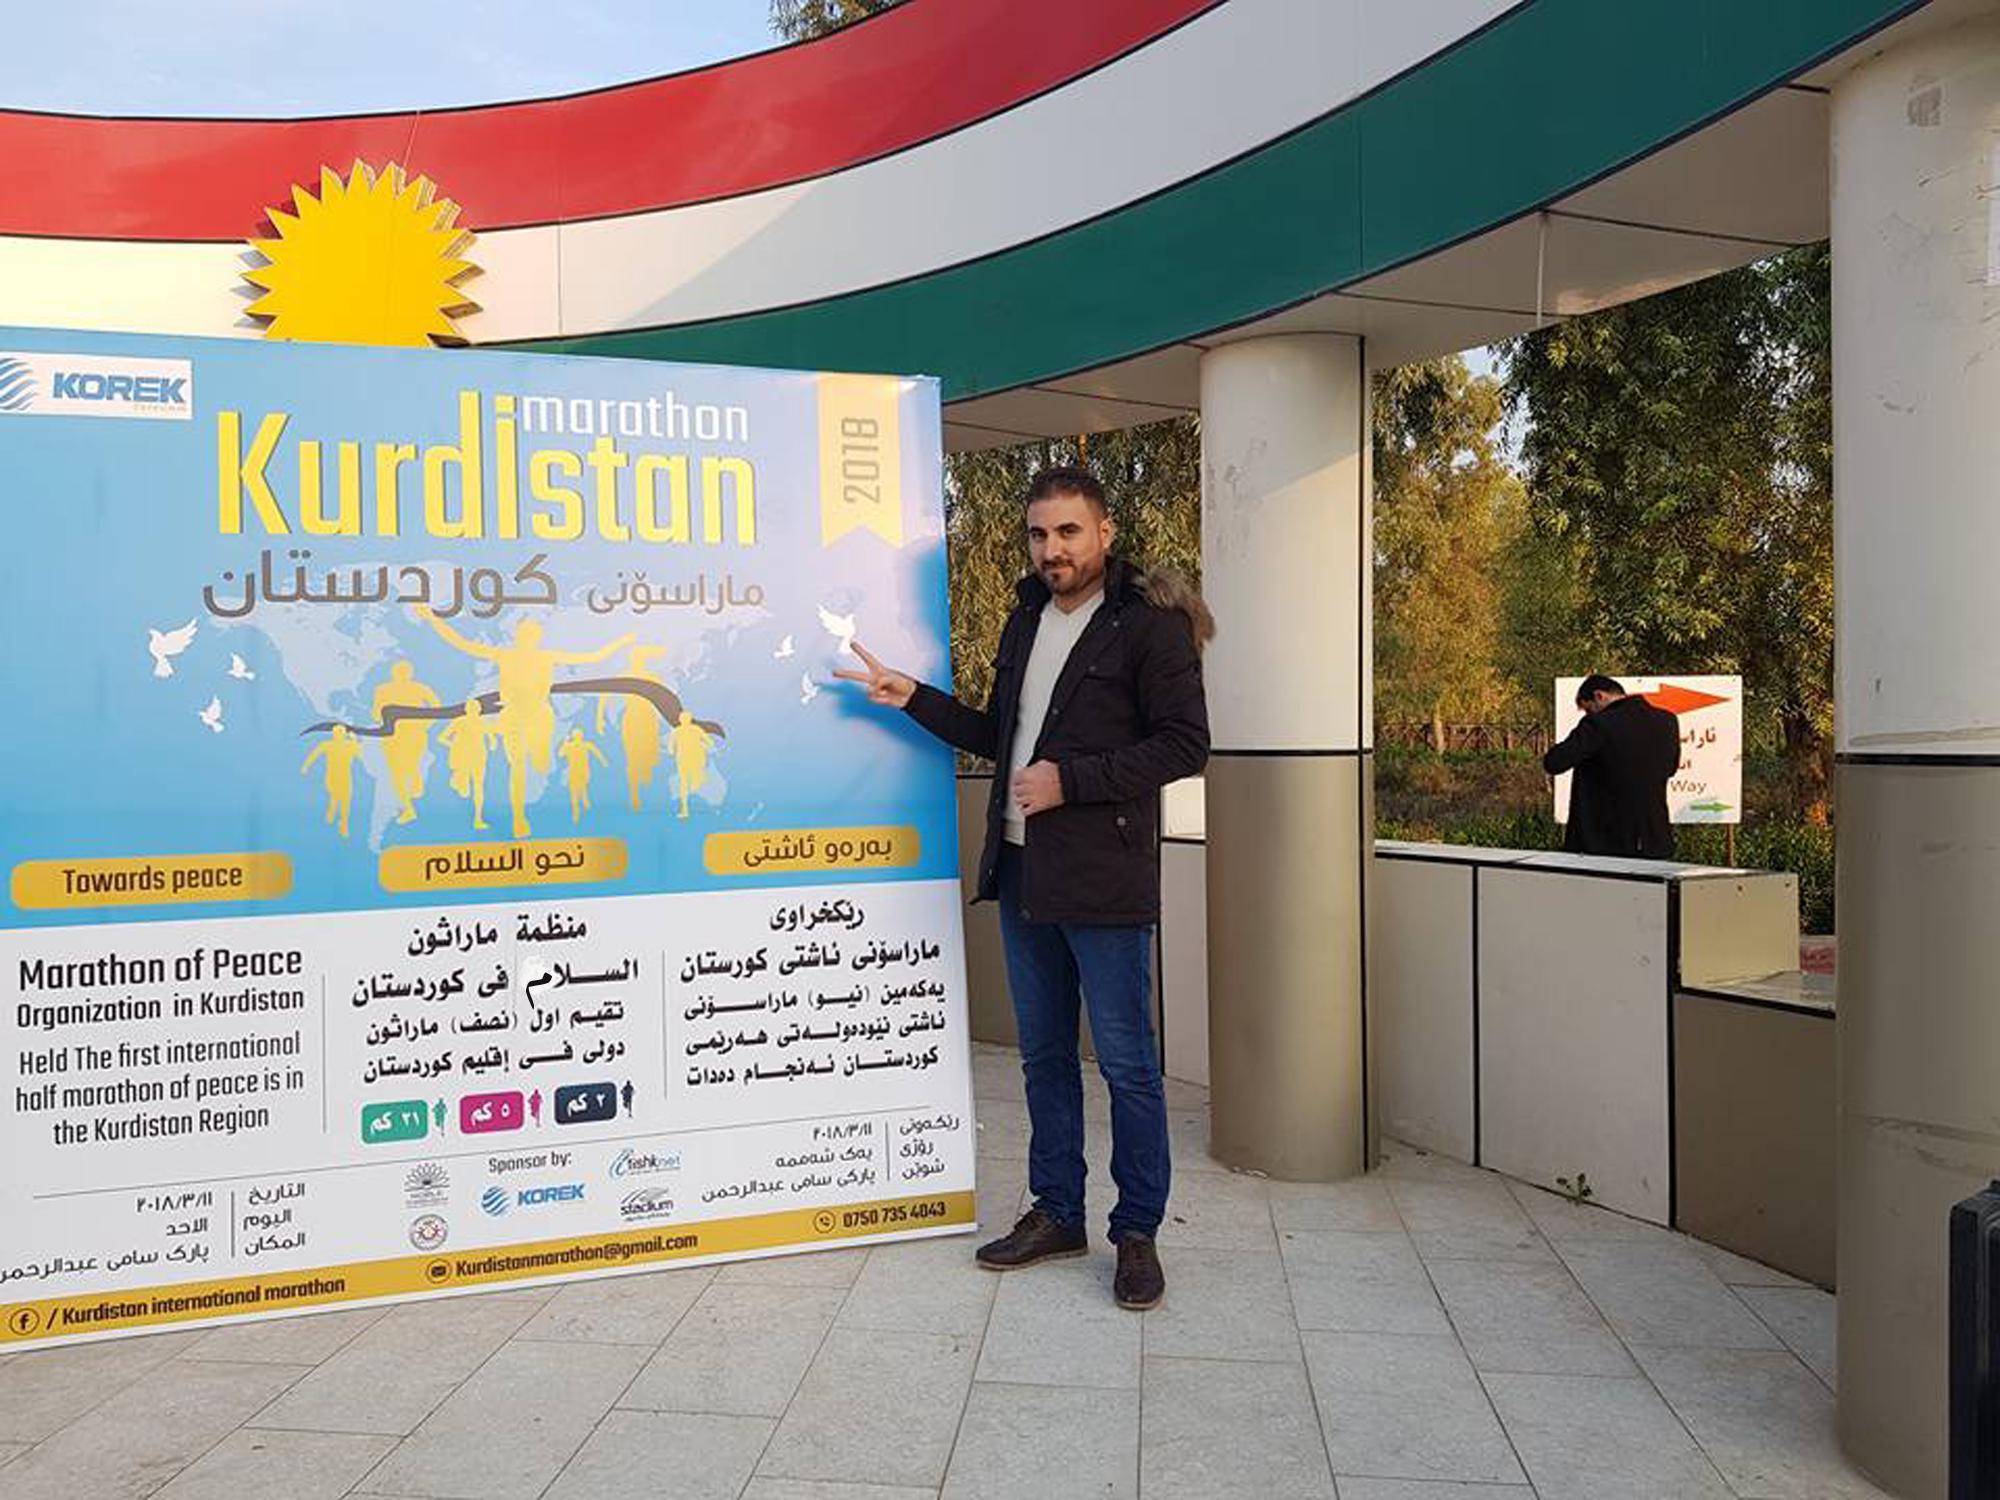 أربيل تشهد الماراثون الاول للسلام في إقليم كوردستان